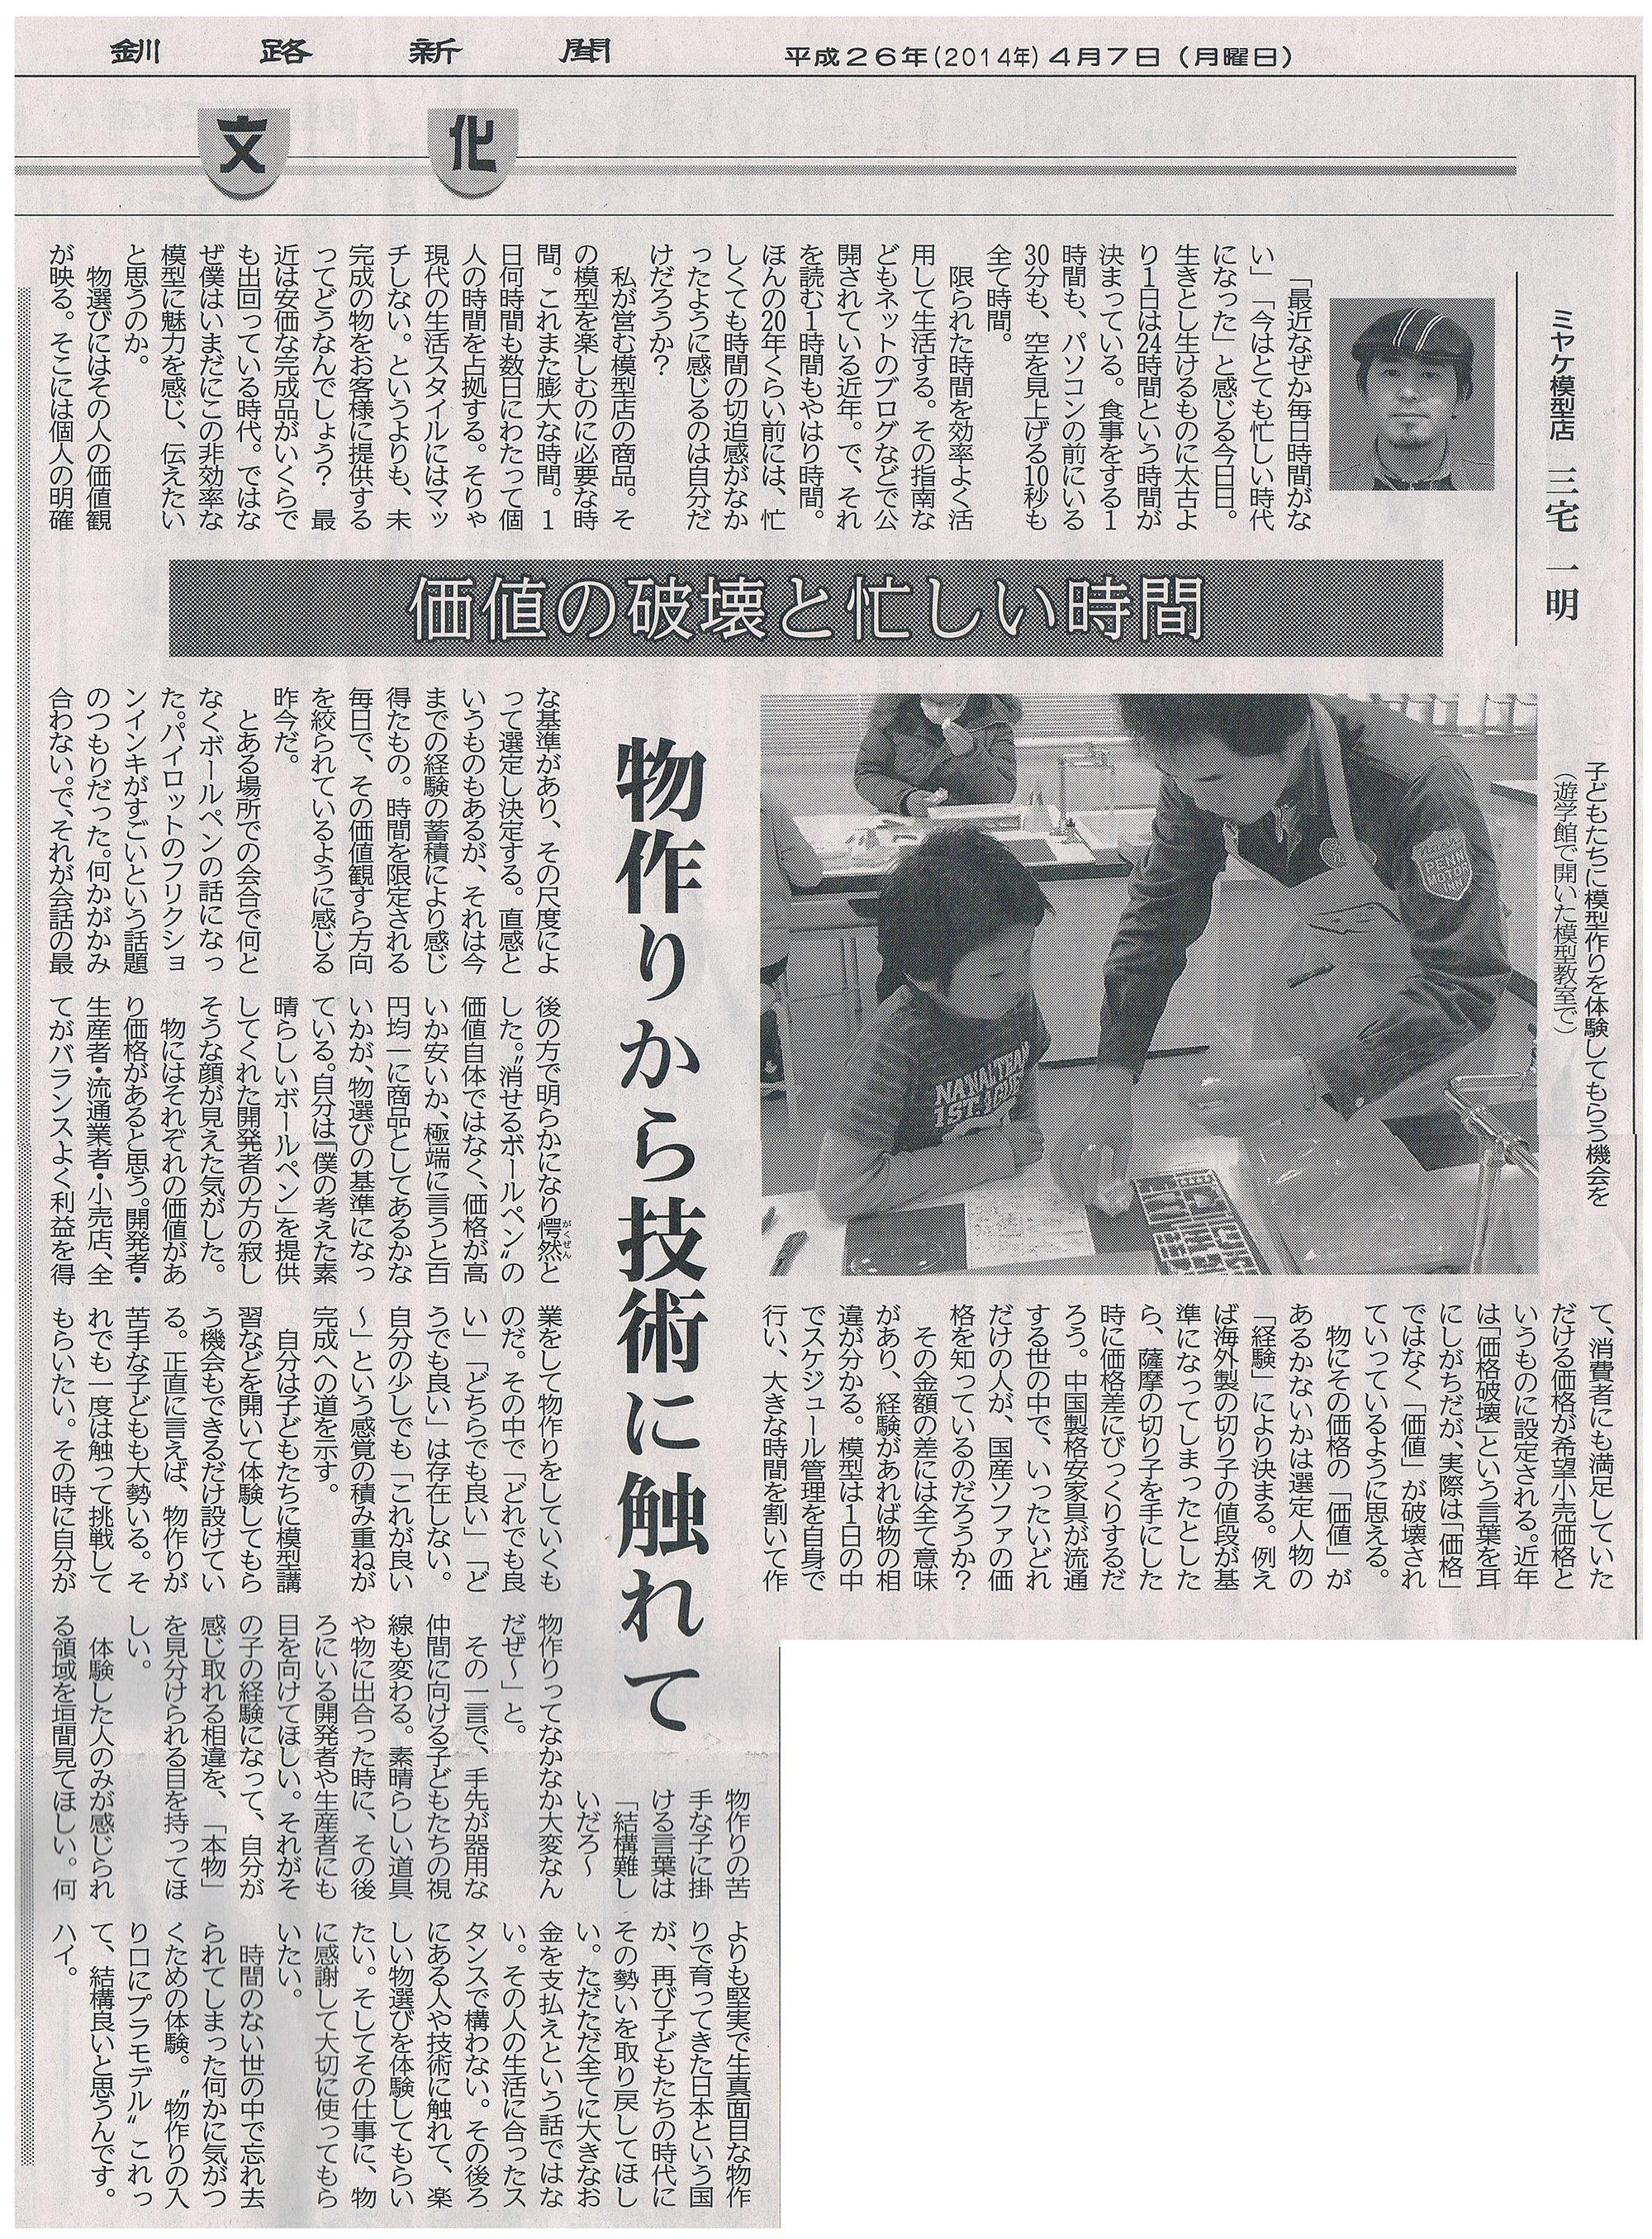 2014-4-7釧路新聞